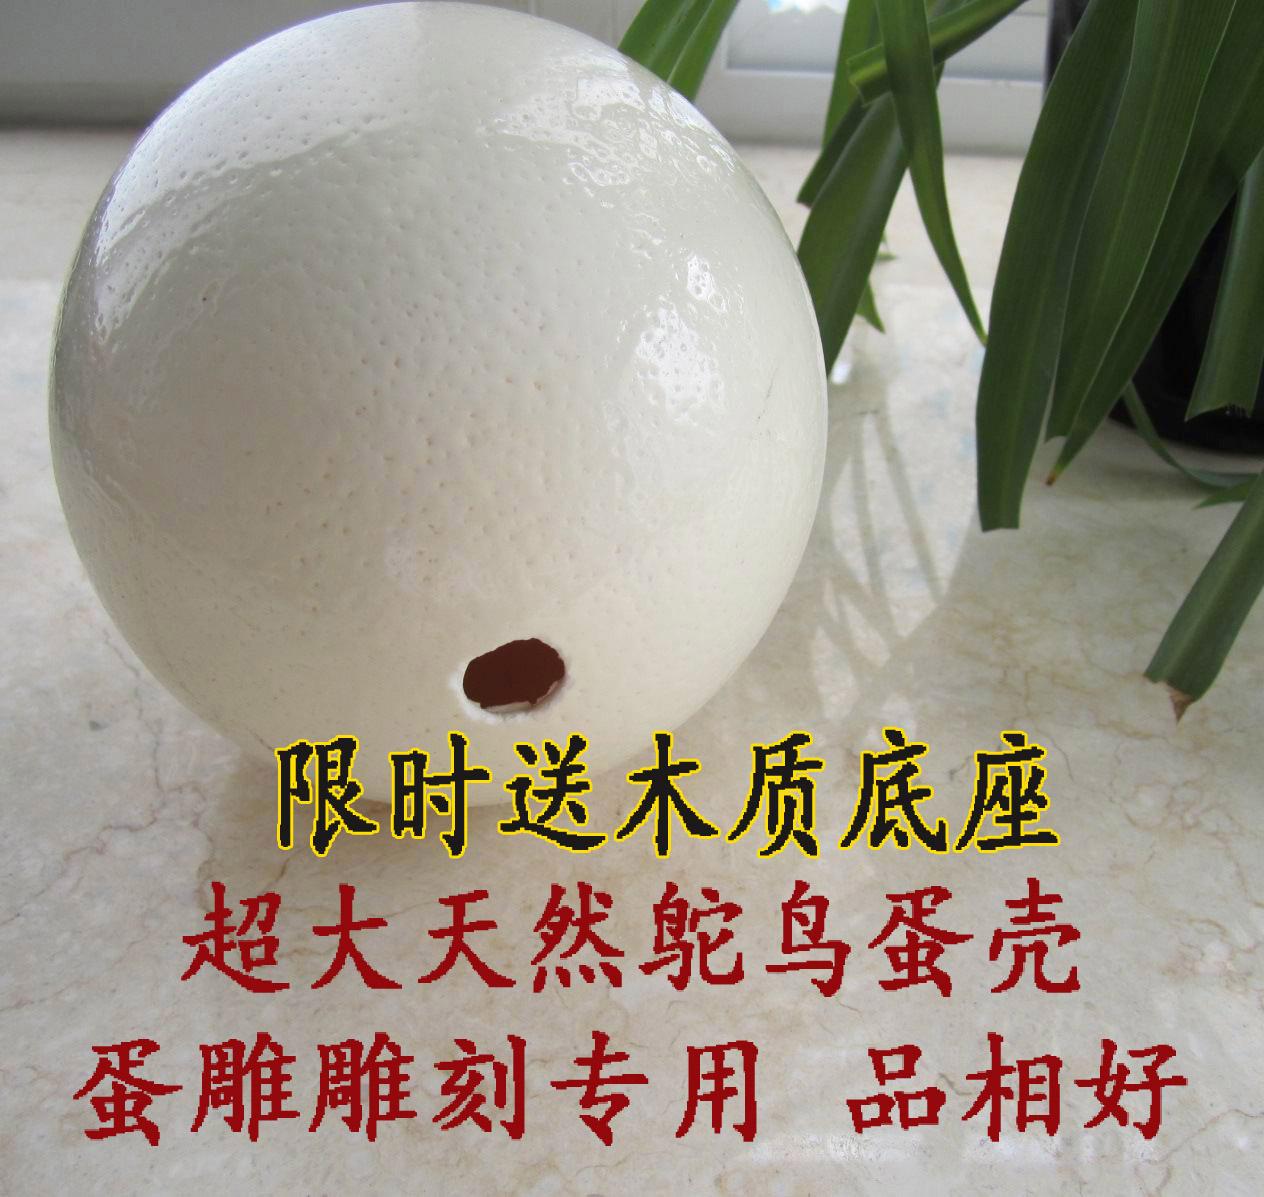 Природная страусиная яичная скорлупа новый Яйца, резьба по яйцам, резьба по кустарным изделиям, обеспечение качества